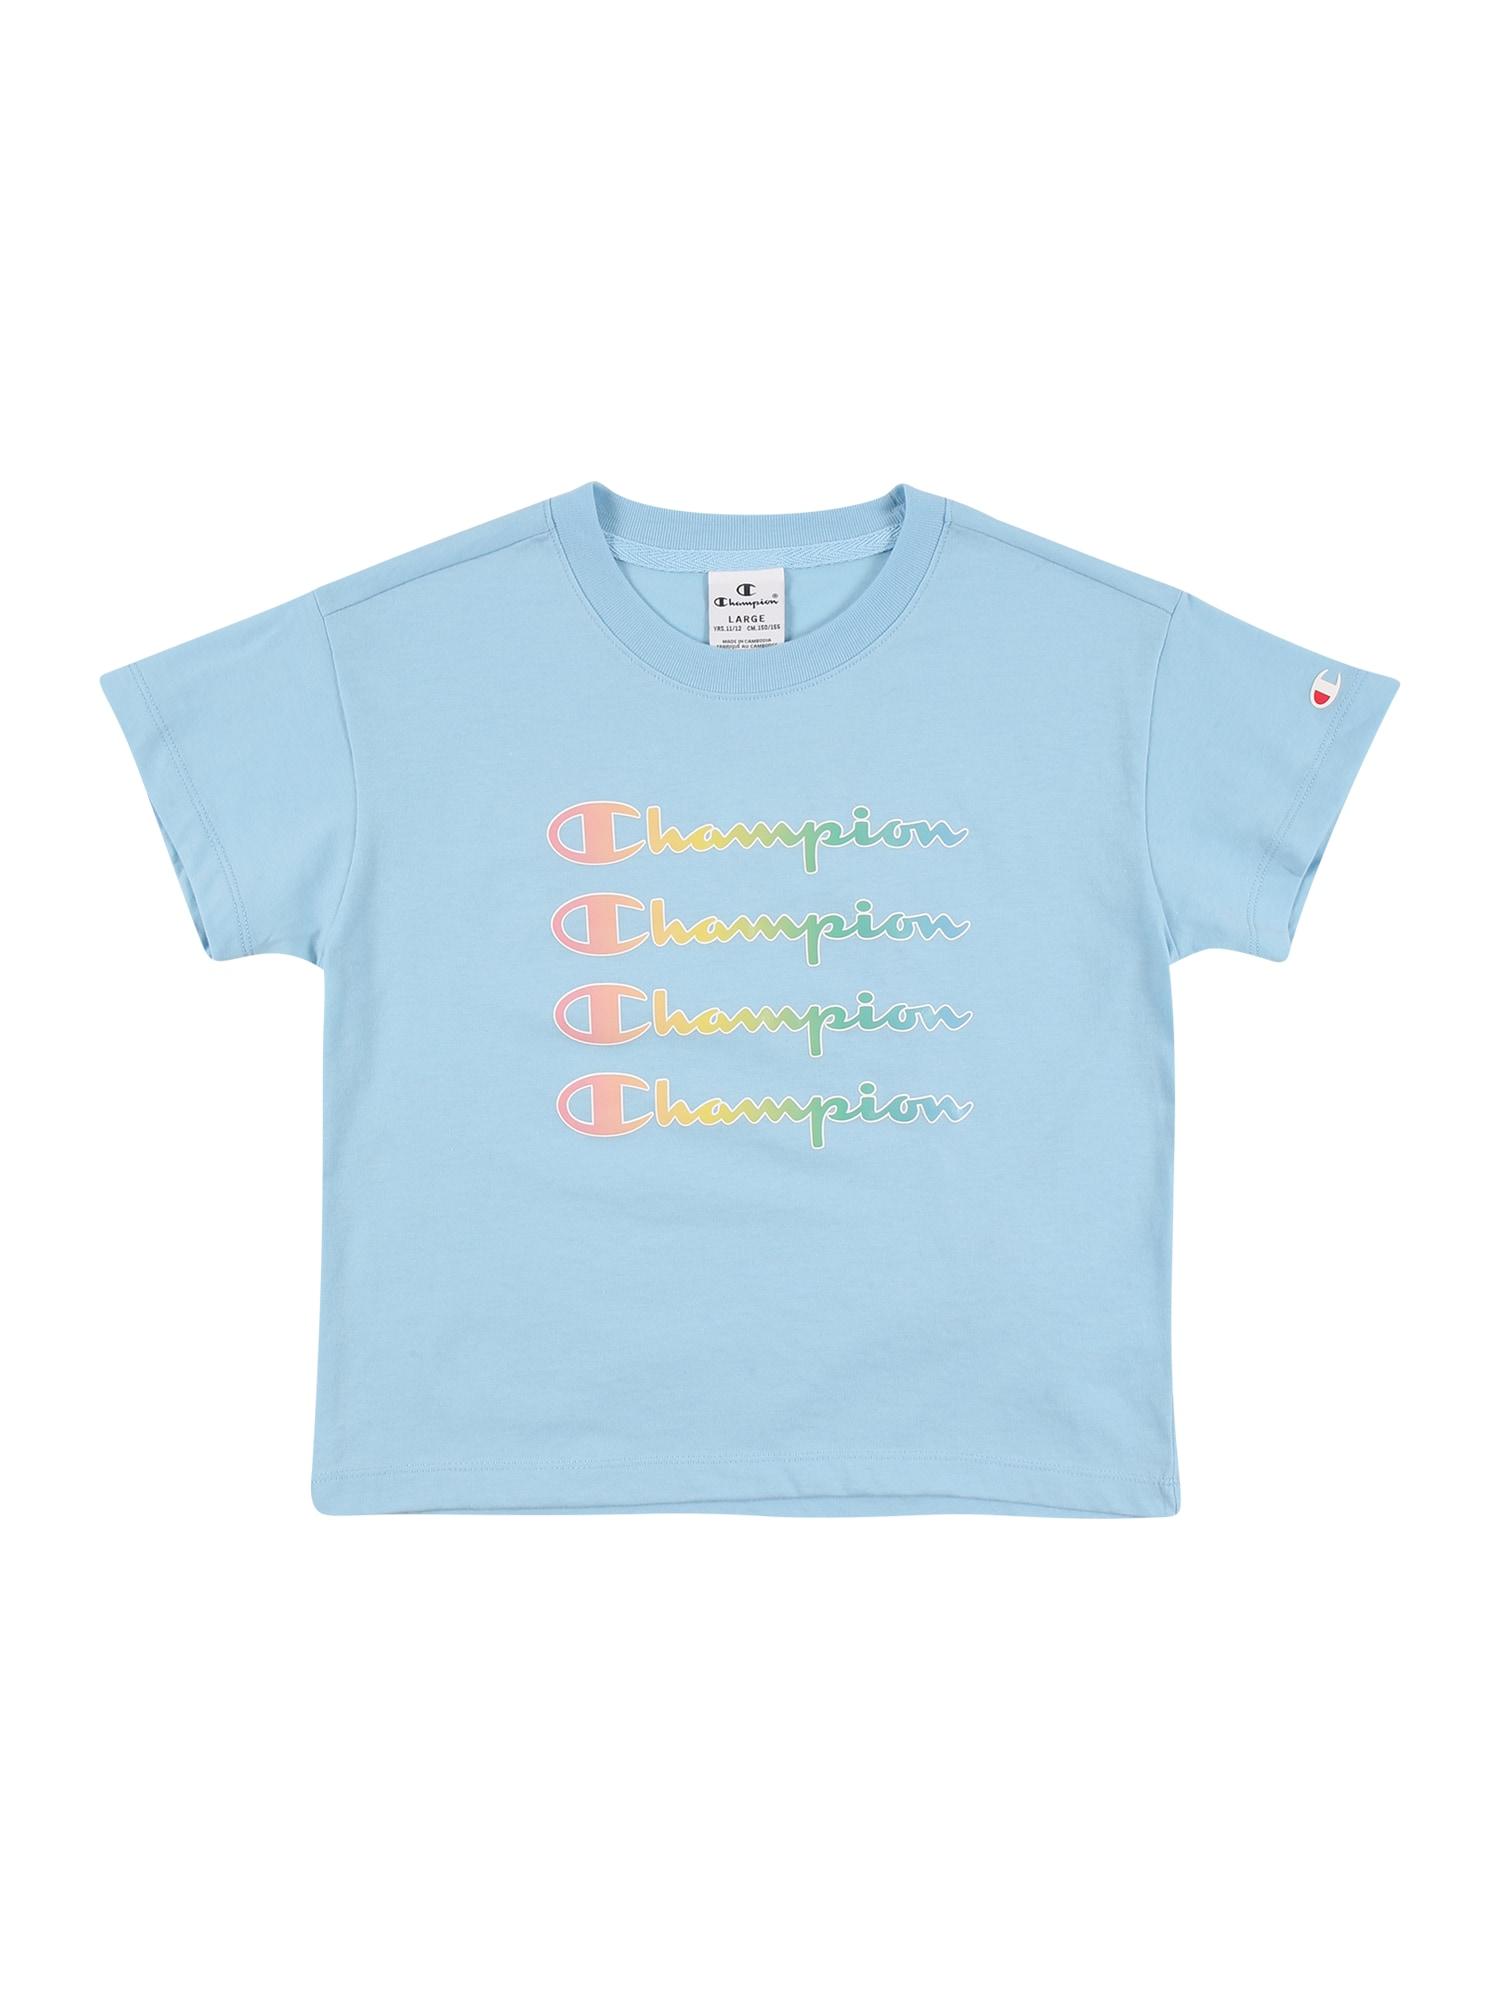 Champion Authentic Athletic Apparel Marškinėliai šviesiai mėlyna / šviesiai žalia / lašišų spalva / balta / oranžinė